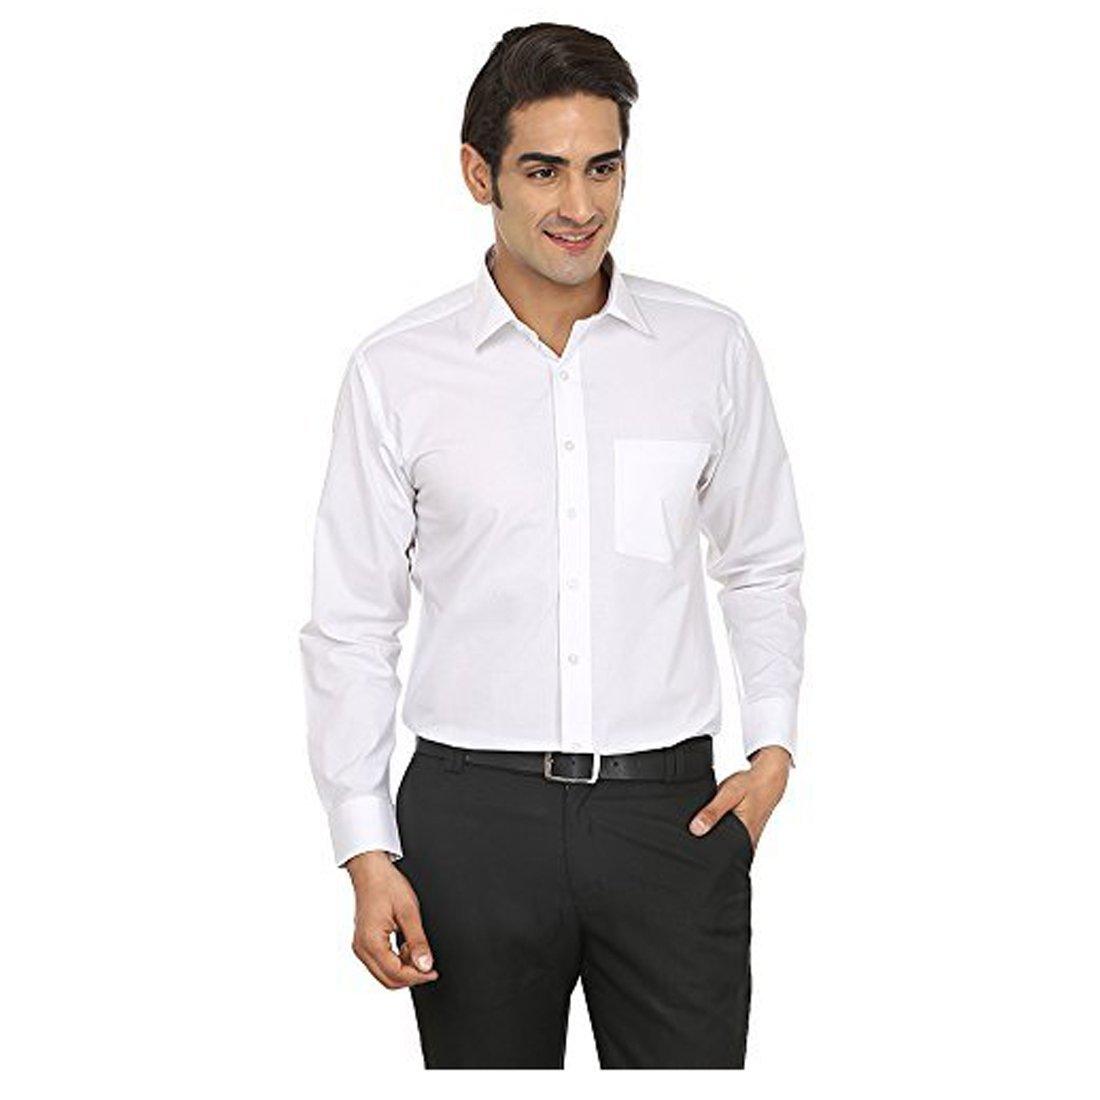 Royal Kurta Mens Formal Shirt